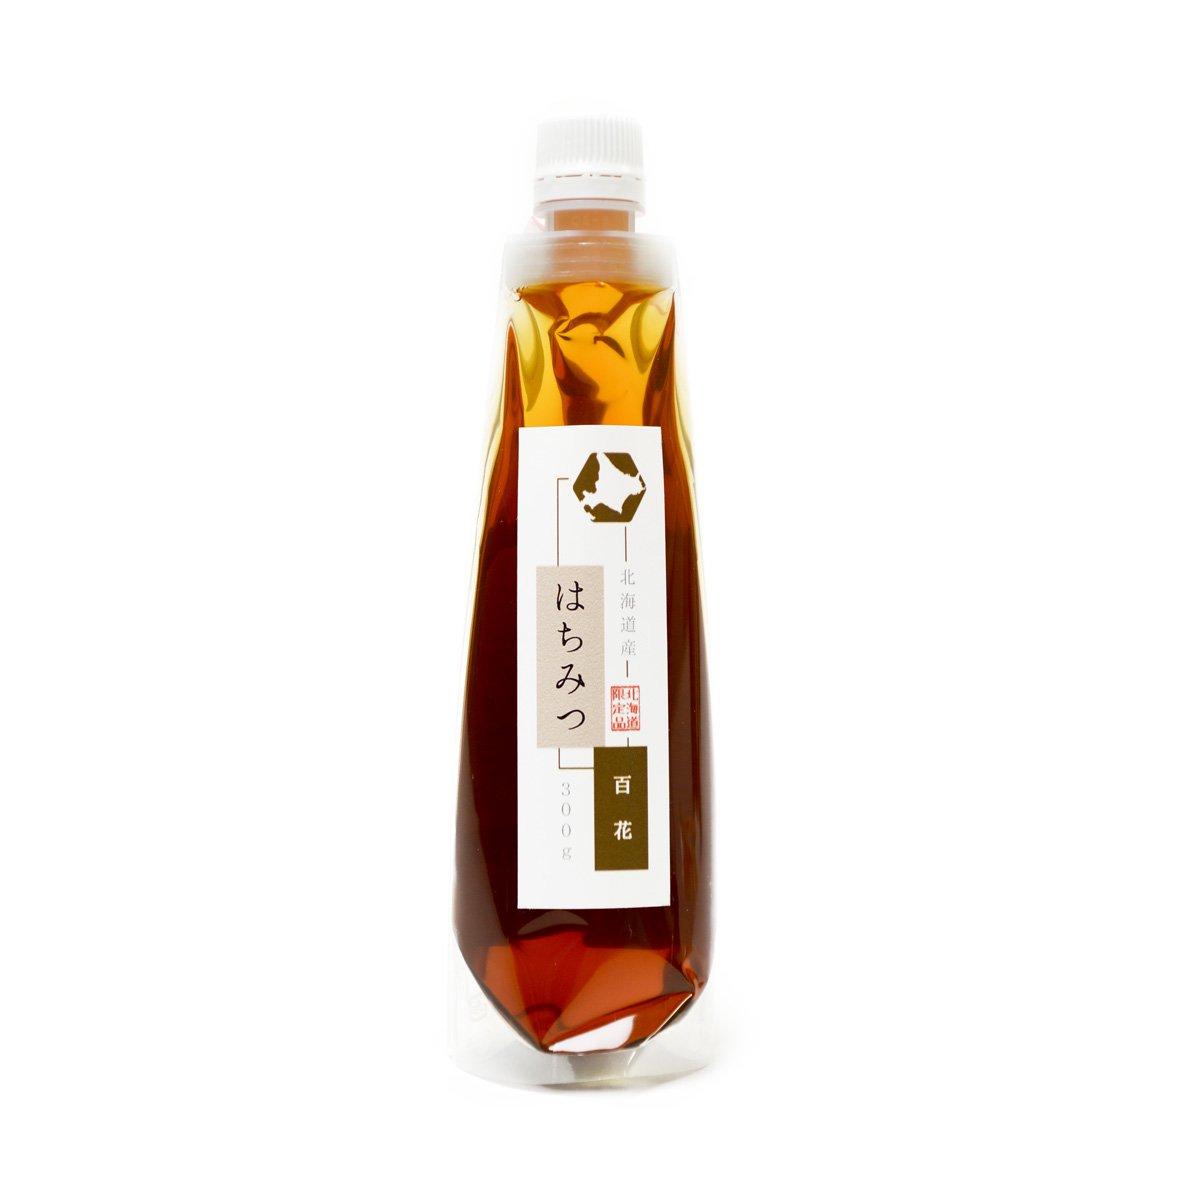 【数量限定】北海道産らくらく蜂蜜 百花蜜